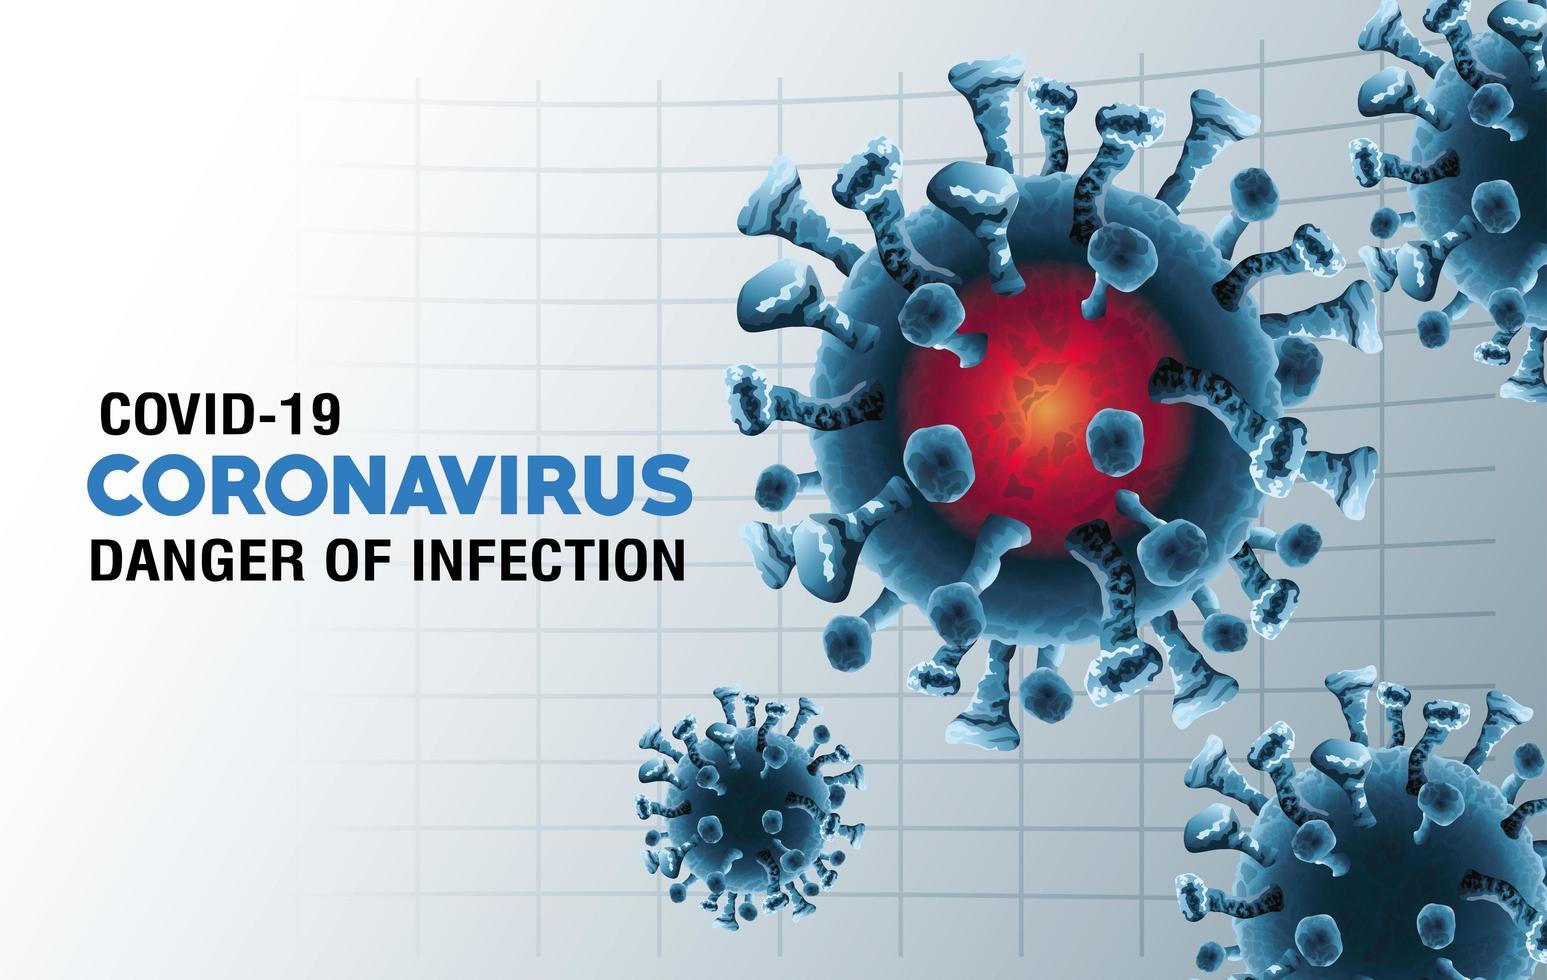 partículas pandémicas covid-19 vector